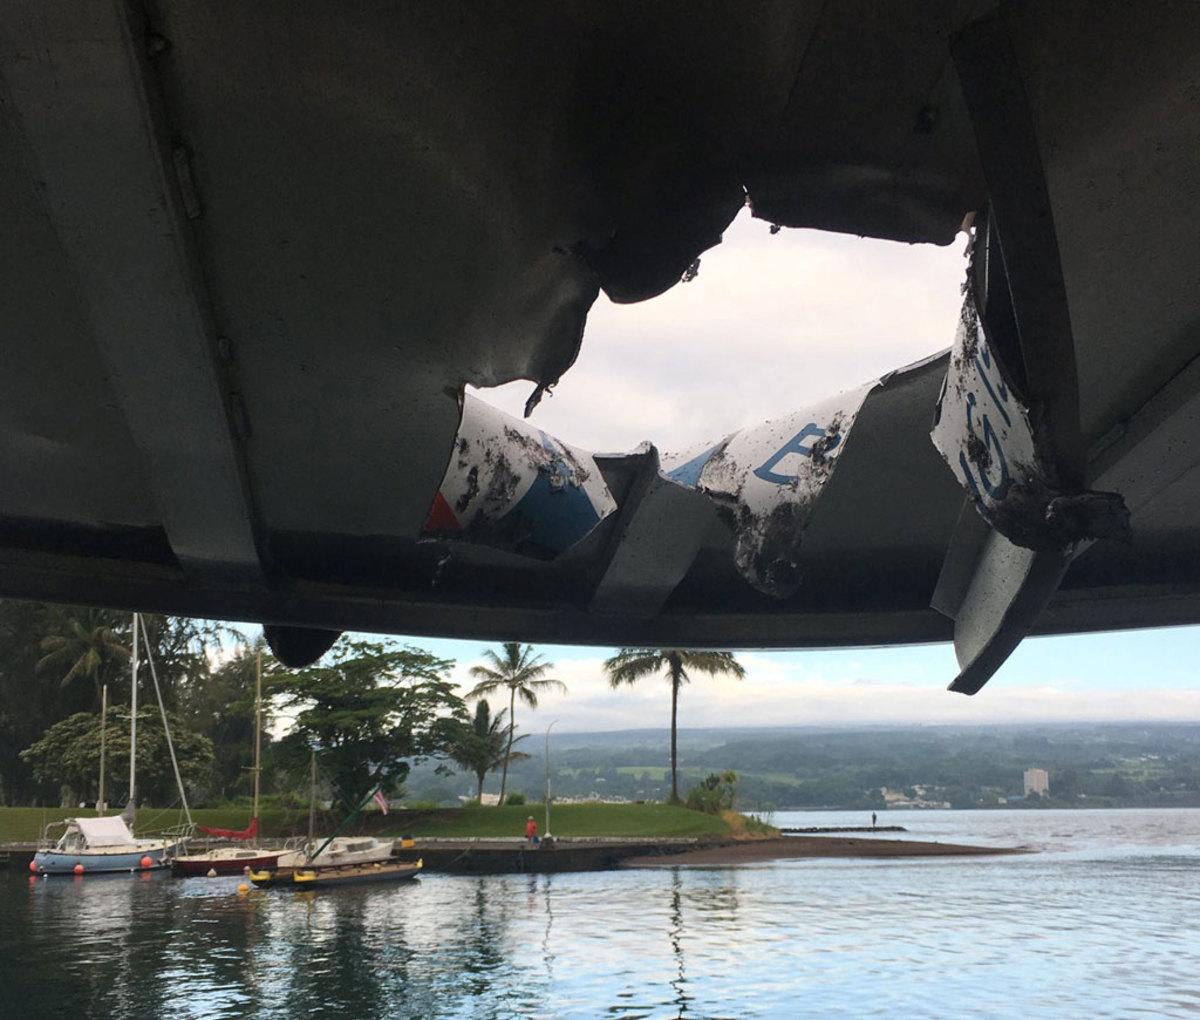 Απόλυτος πανικός! Η στιγμή που βόμβα λάβας χτυπάει τουριστικό σκάφος στην Χαβάη!